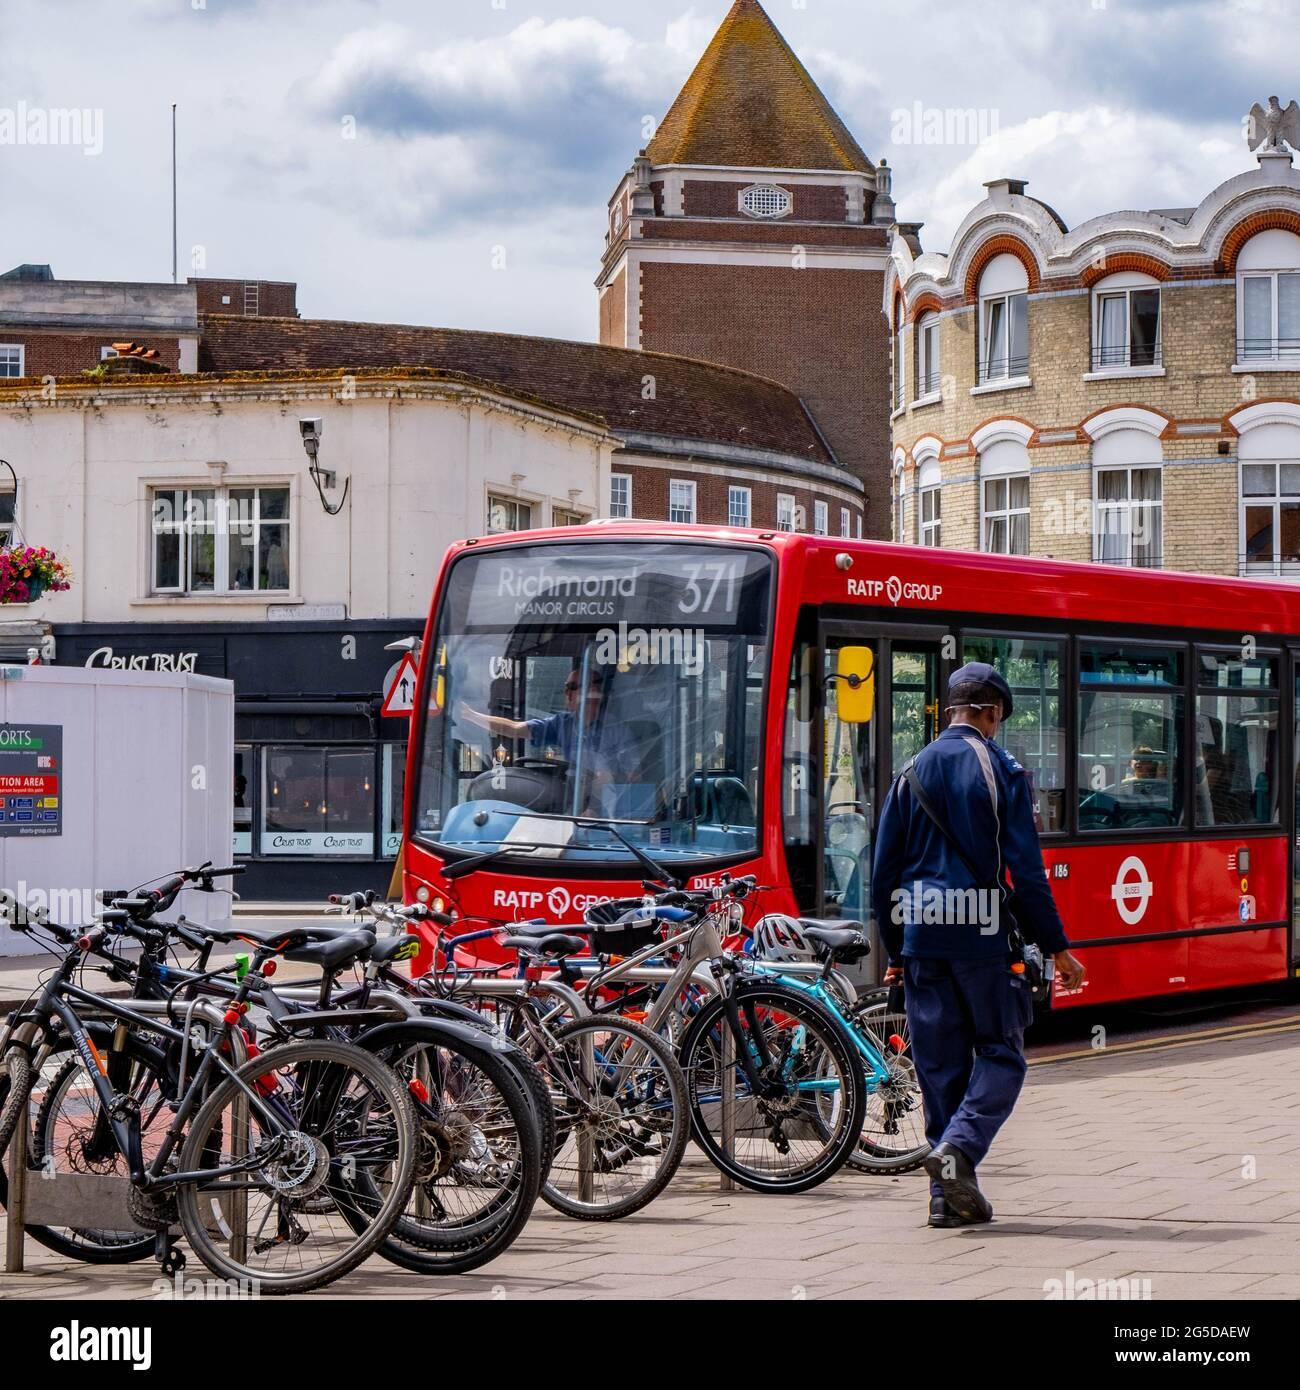 Kingston London, Royaume-Uni, juin 26 2021, Homme passant devant UNE rangée de bicyclettes garées et UN bus de transport public à un seul Decker Red Banque D'Images